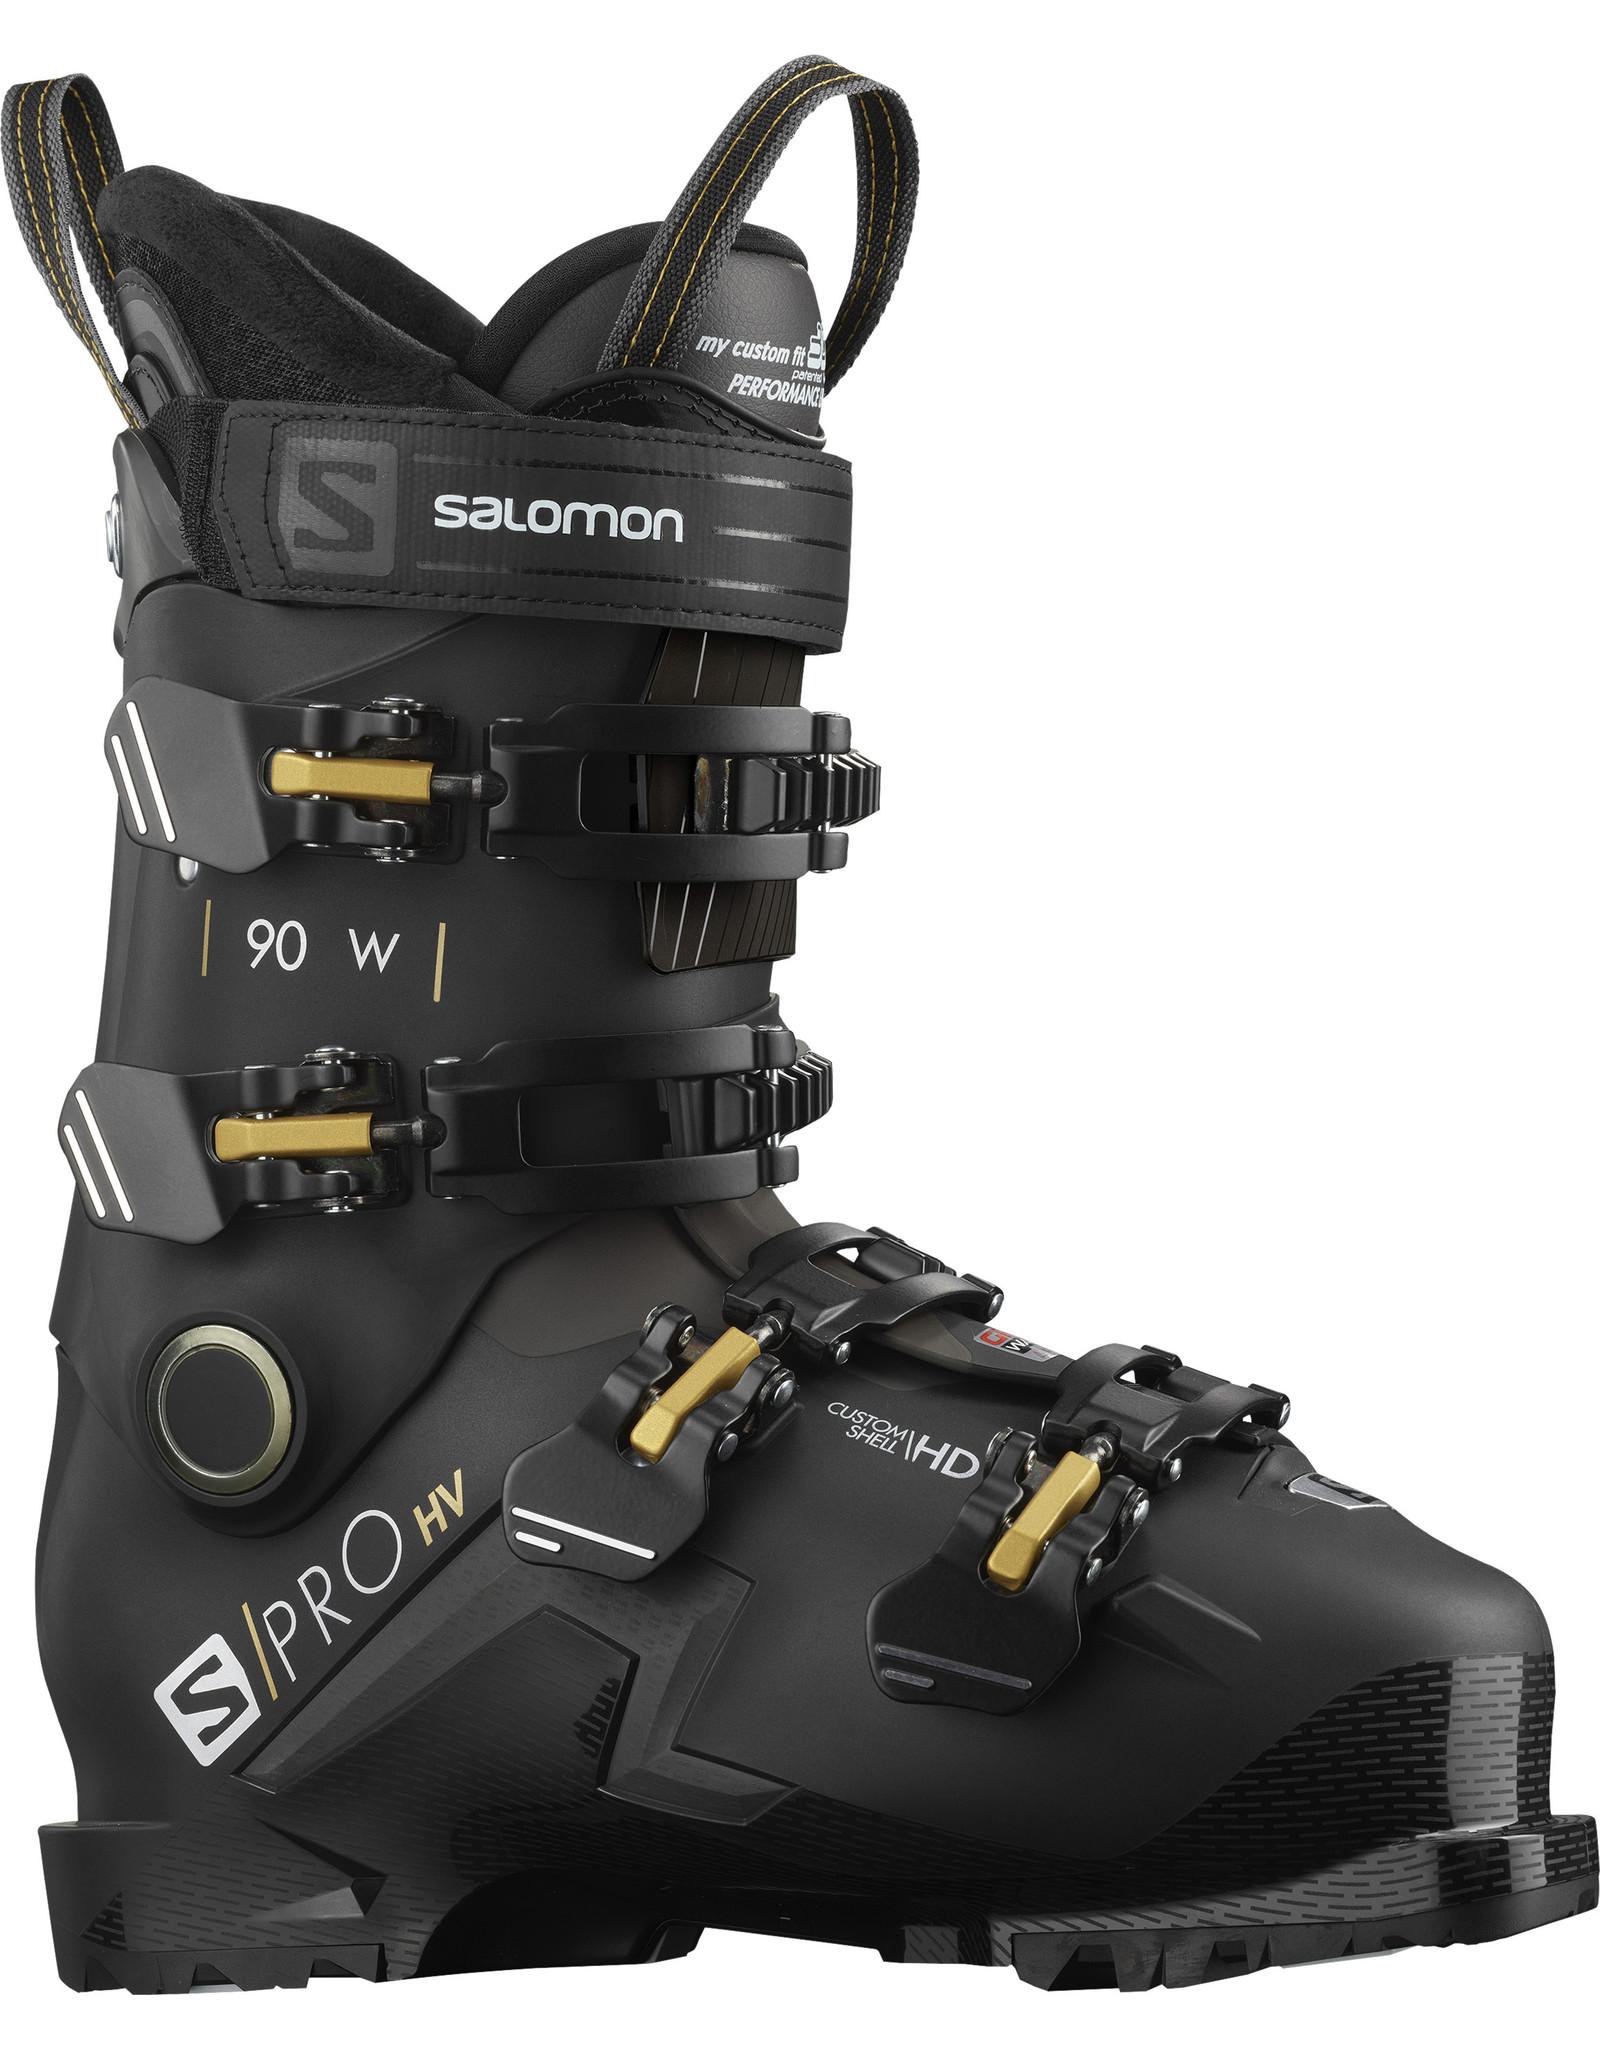 Salomon S/PRO HV 90 W GW BLACK/Bellug